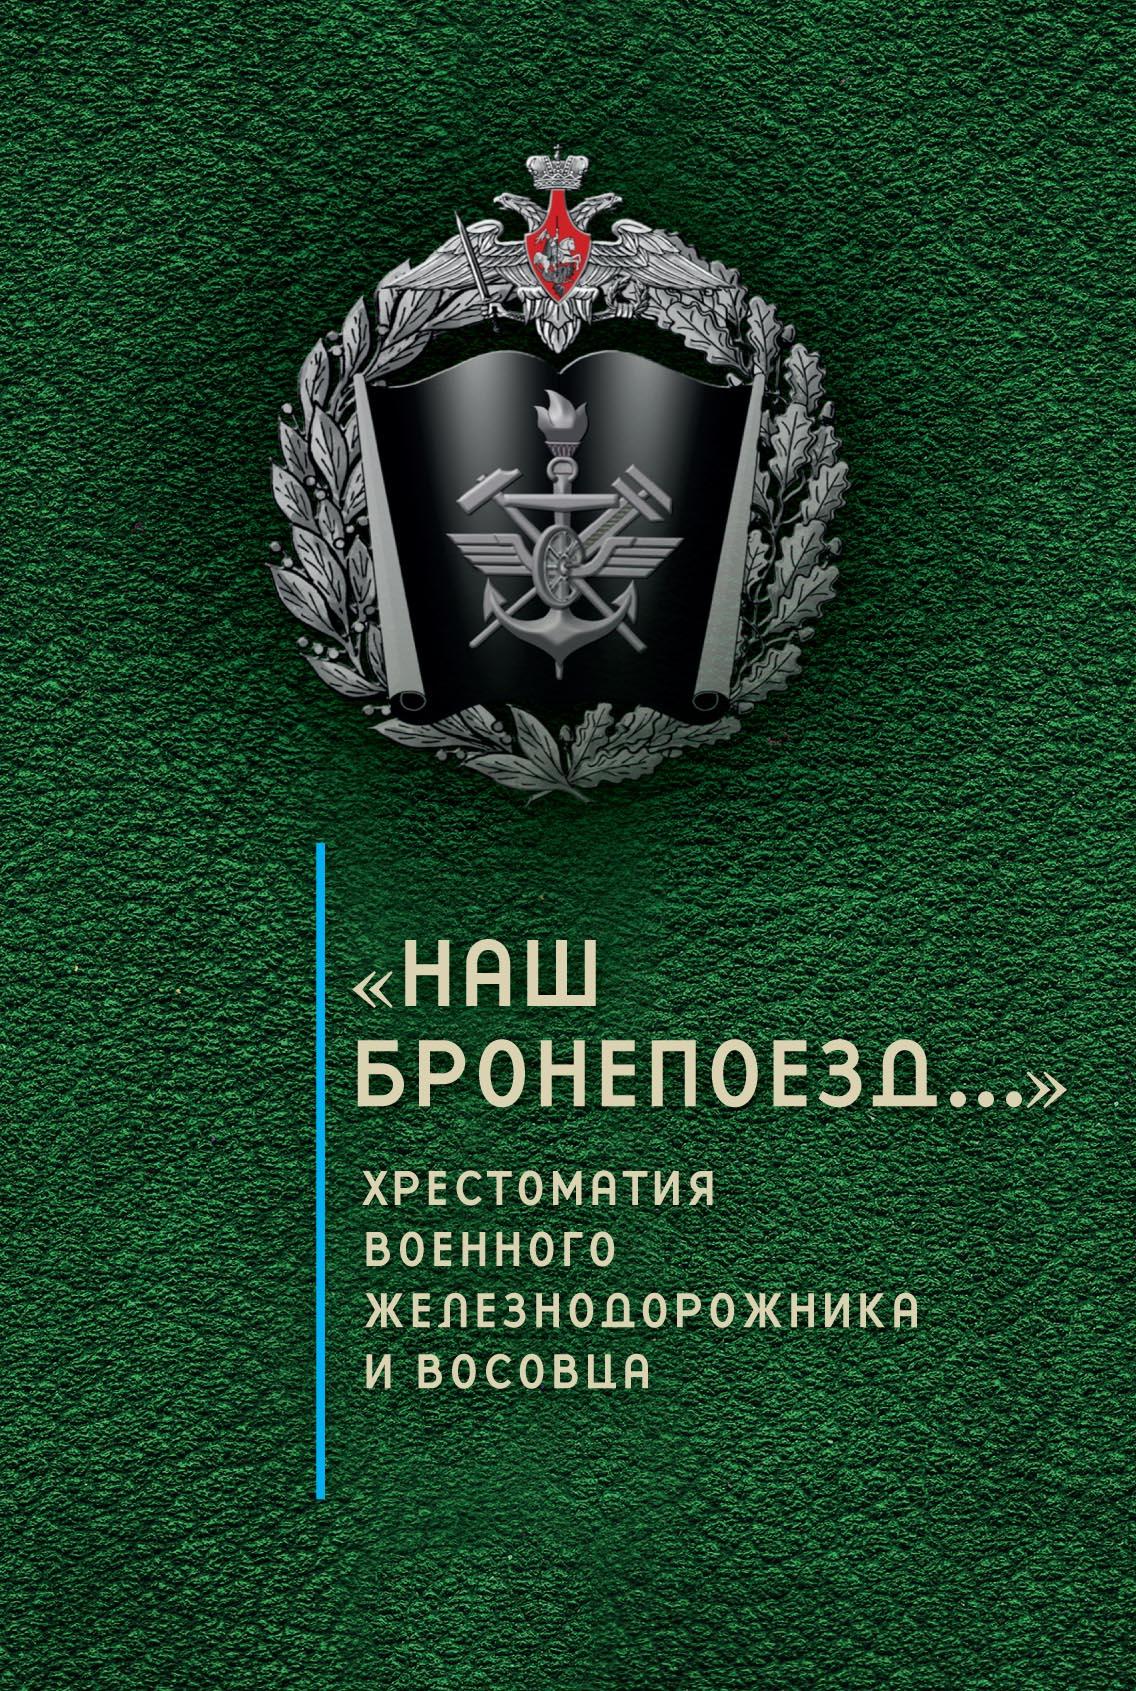 Отсутствует. «Наш бронепоезд…»: хрестоматия военного железнодорожника и восовца